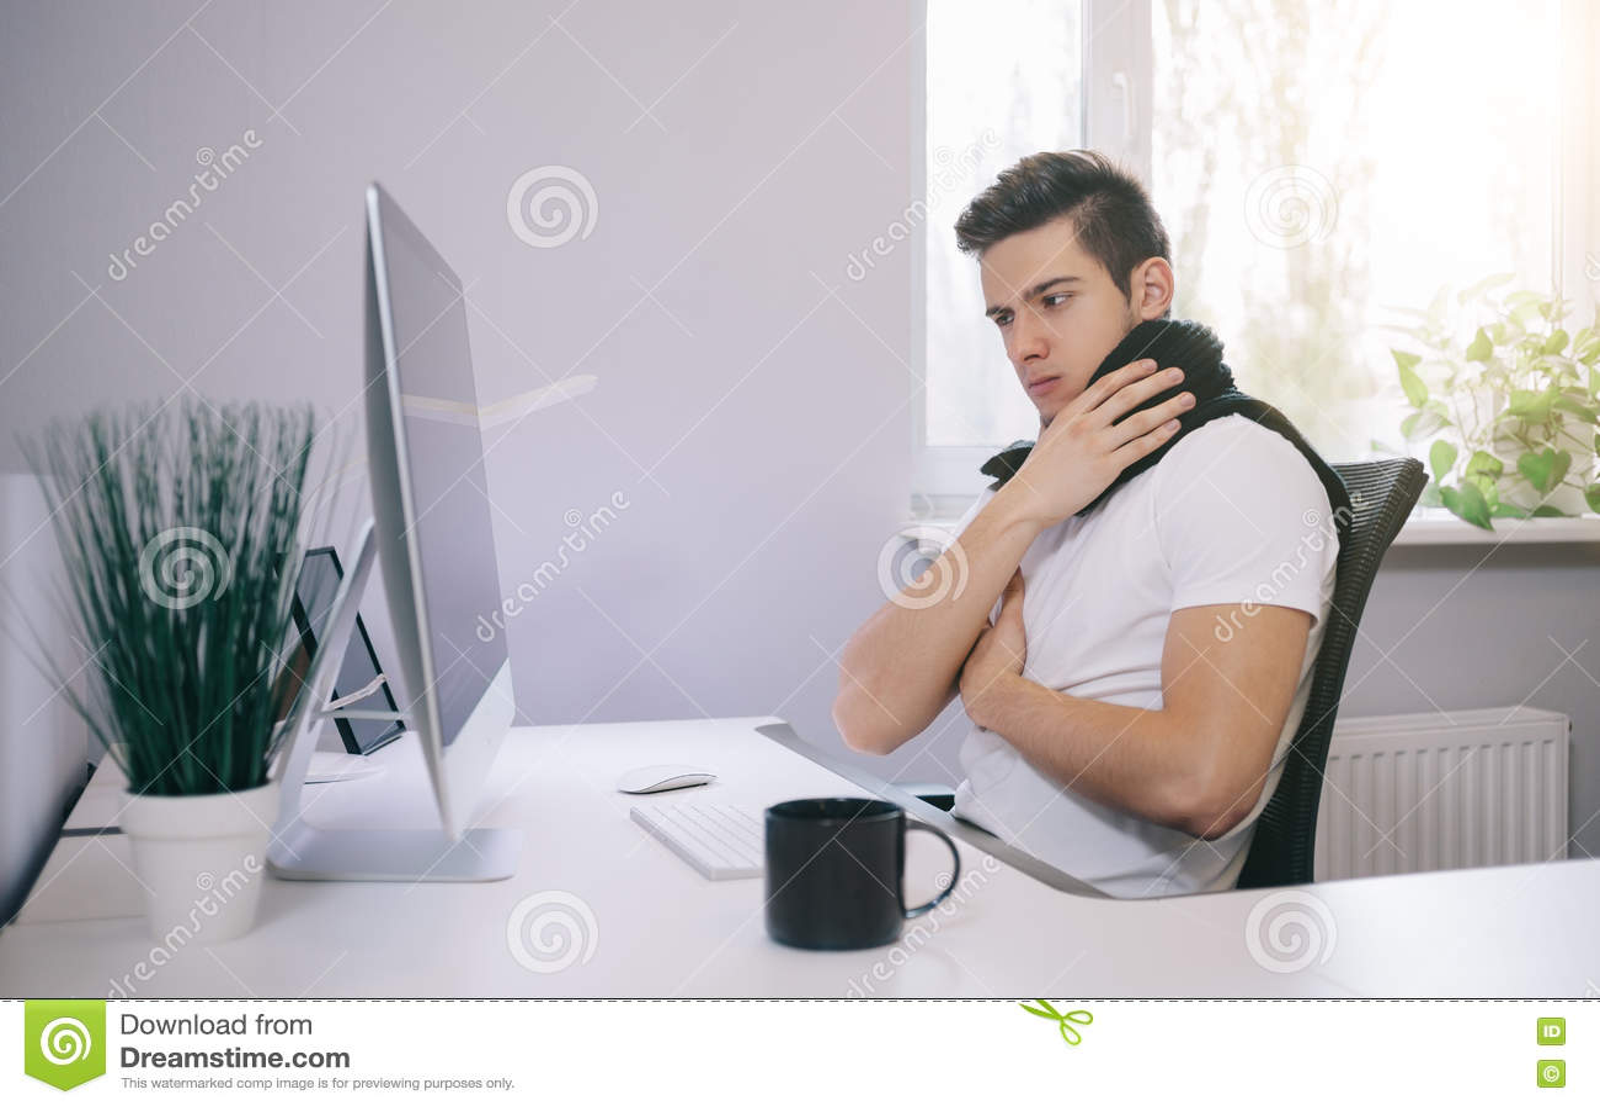 Trabalhador novo com um frio Freelancer no lenço e no copo do chá no escritório Desenhista a garganta doente no